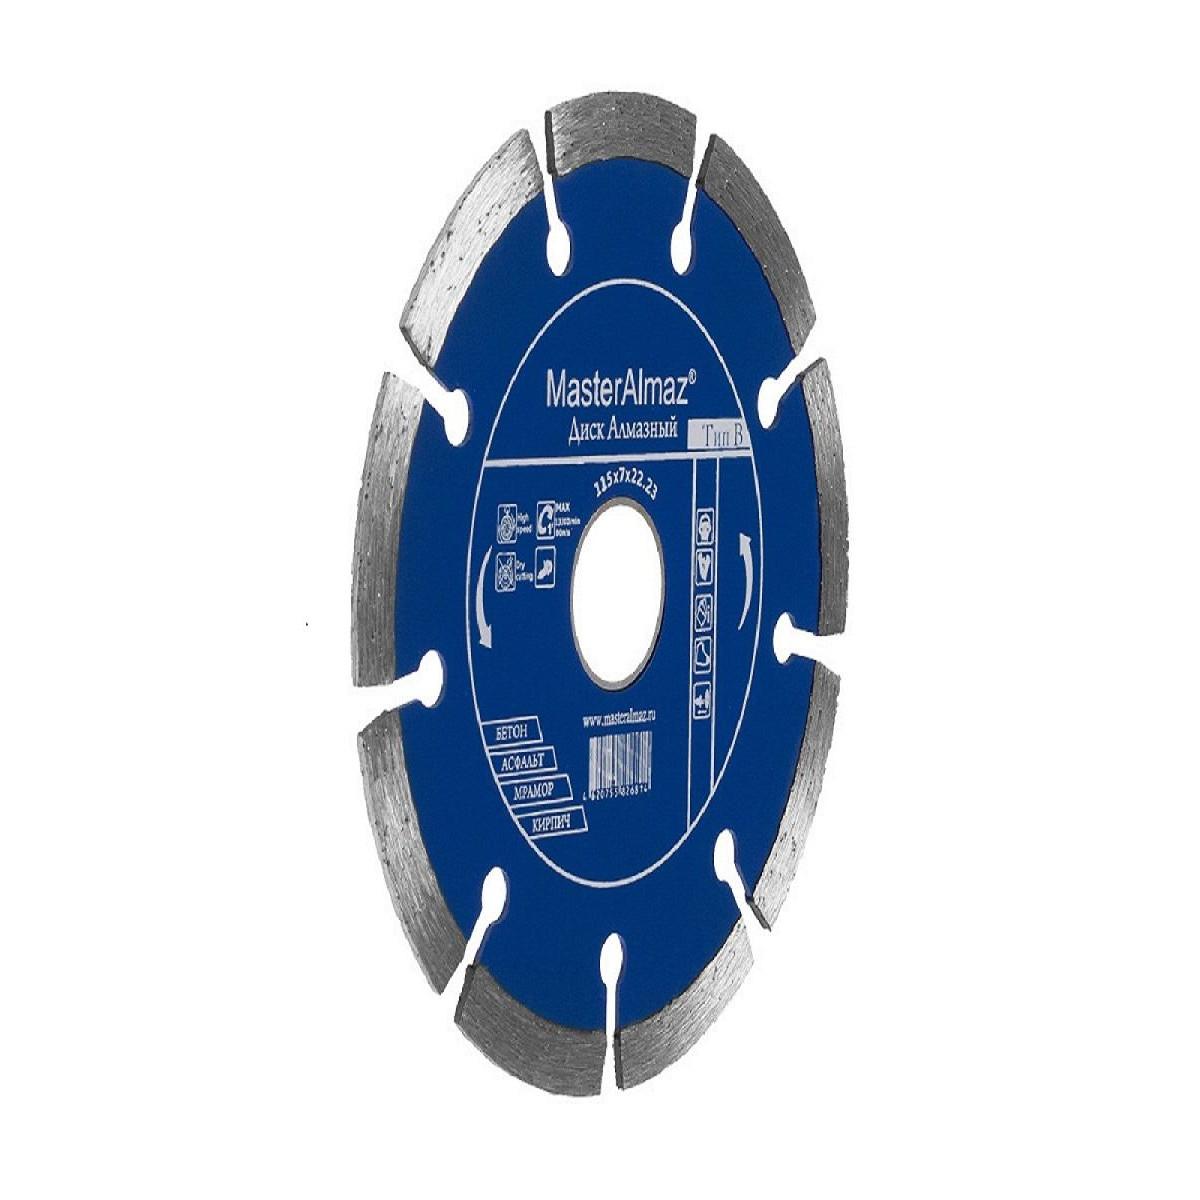 Диск Алмазный Мастералмаз Standard (Тип В) 125Х7Х2223 По Бетону Сегментный